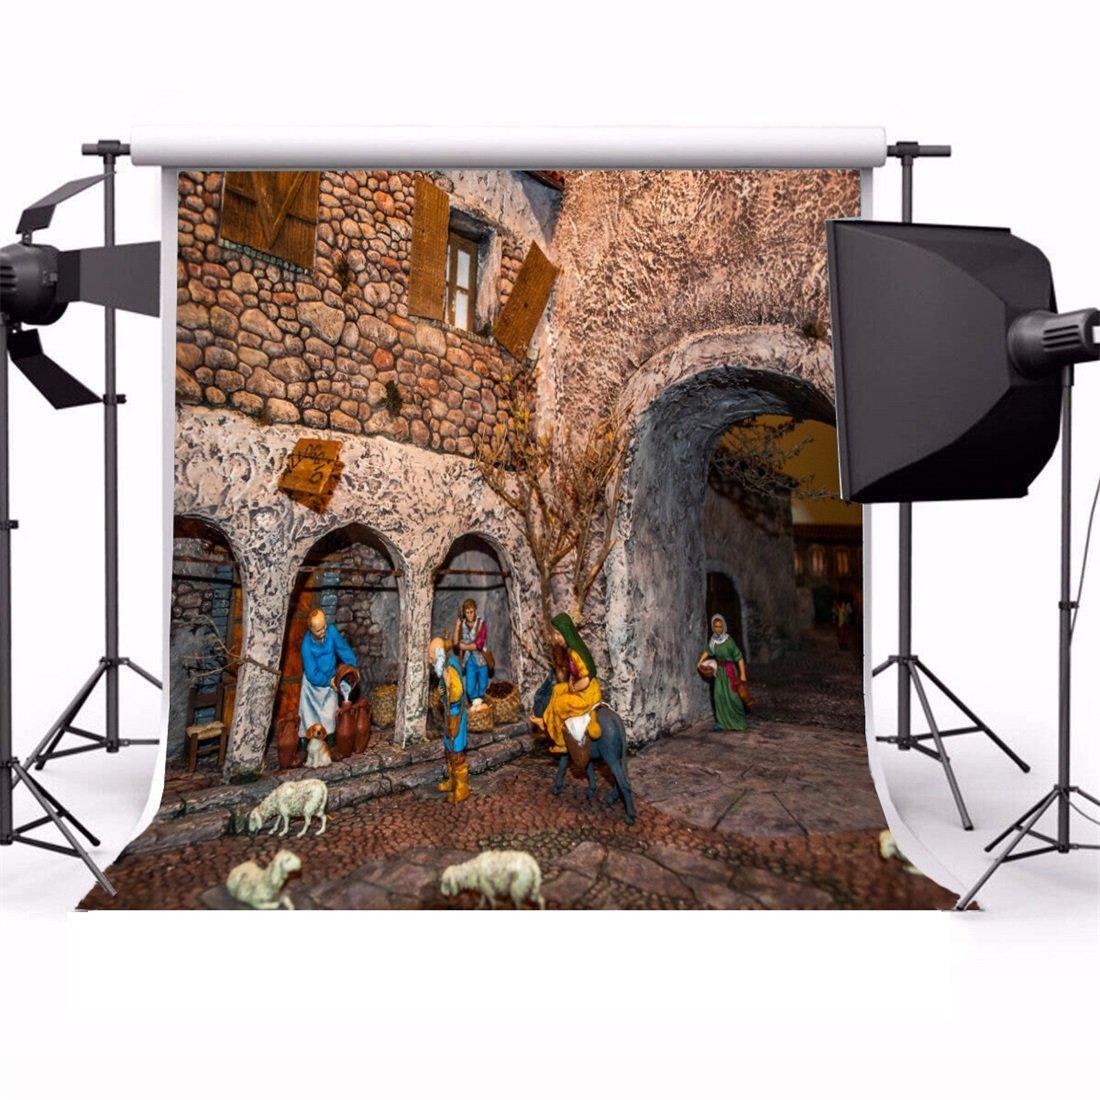 YongFoto 2,5x2,5m Vinyl Foto Hintergrund Weihnachten: Amazon.de: Kamera